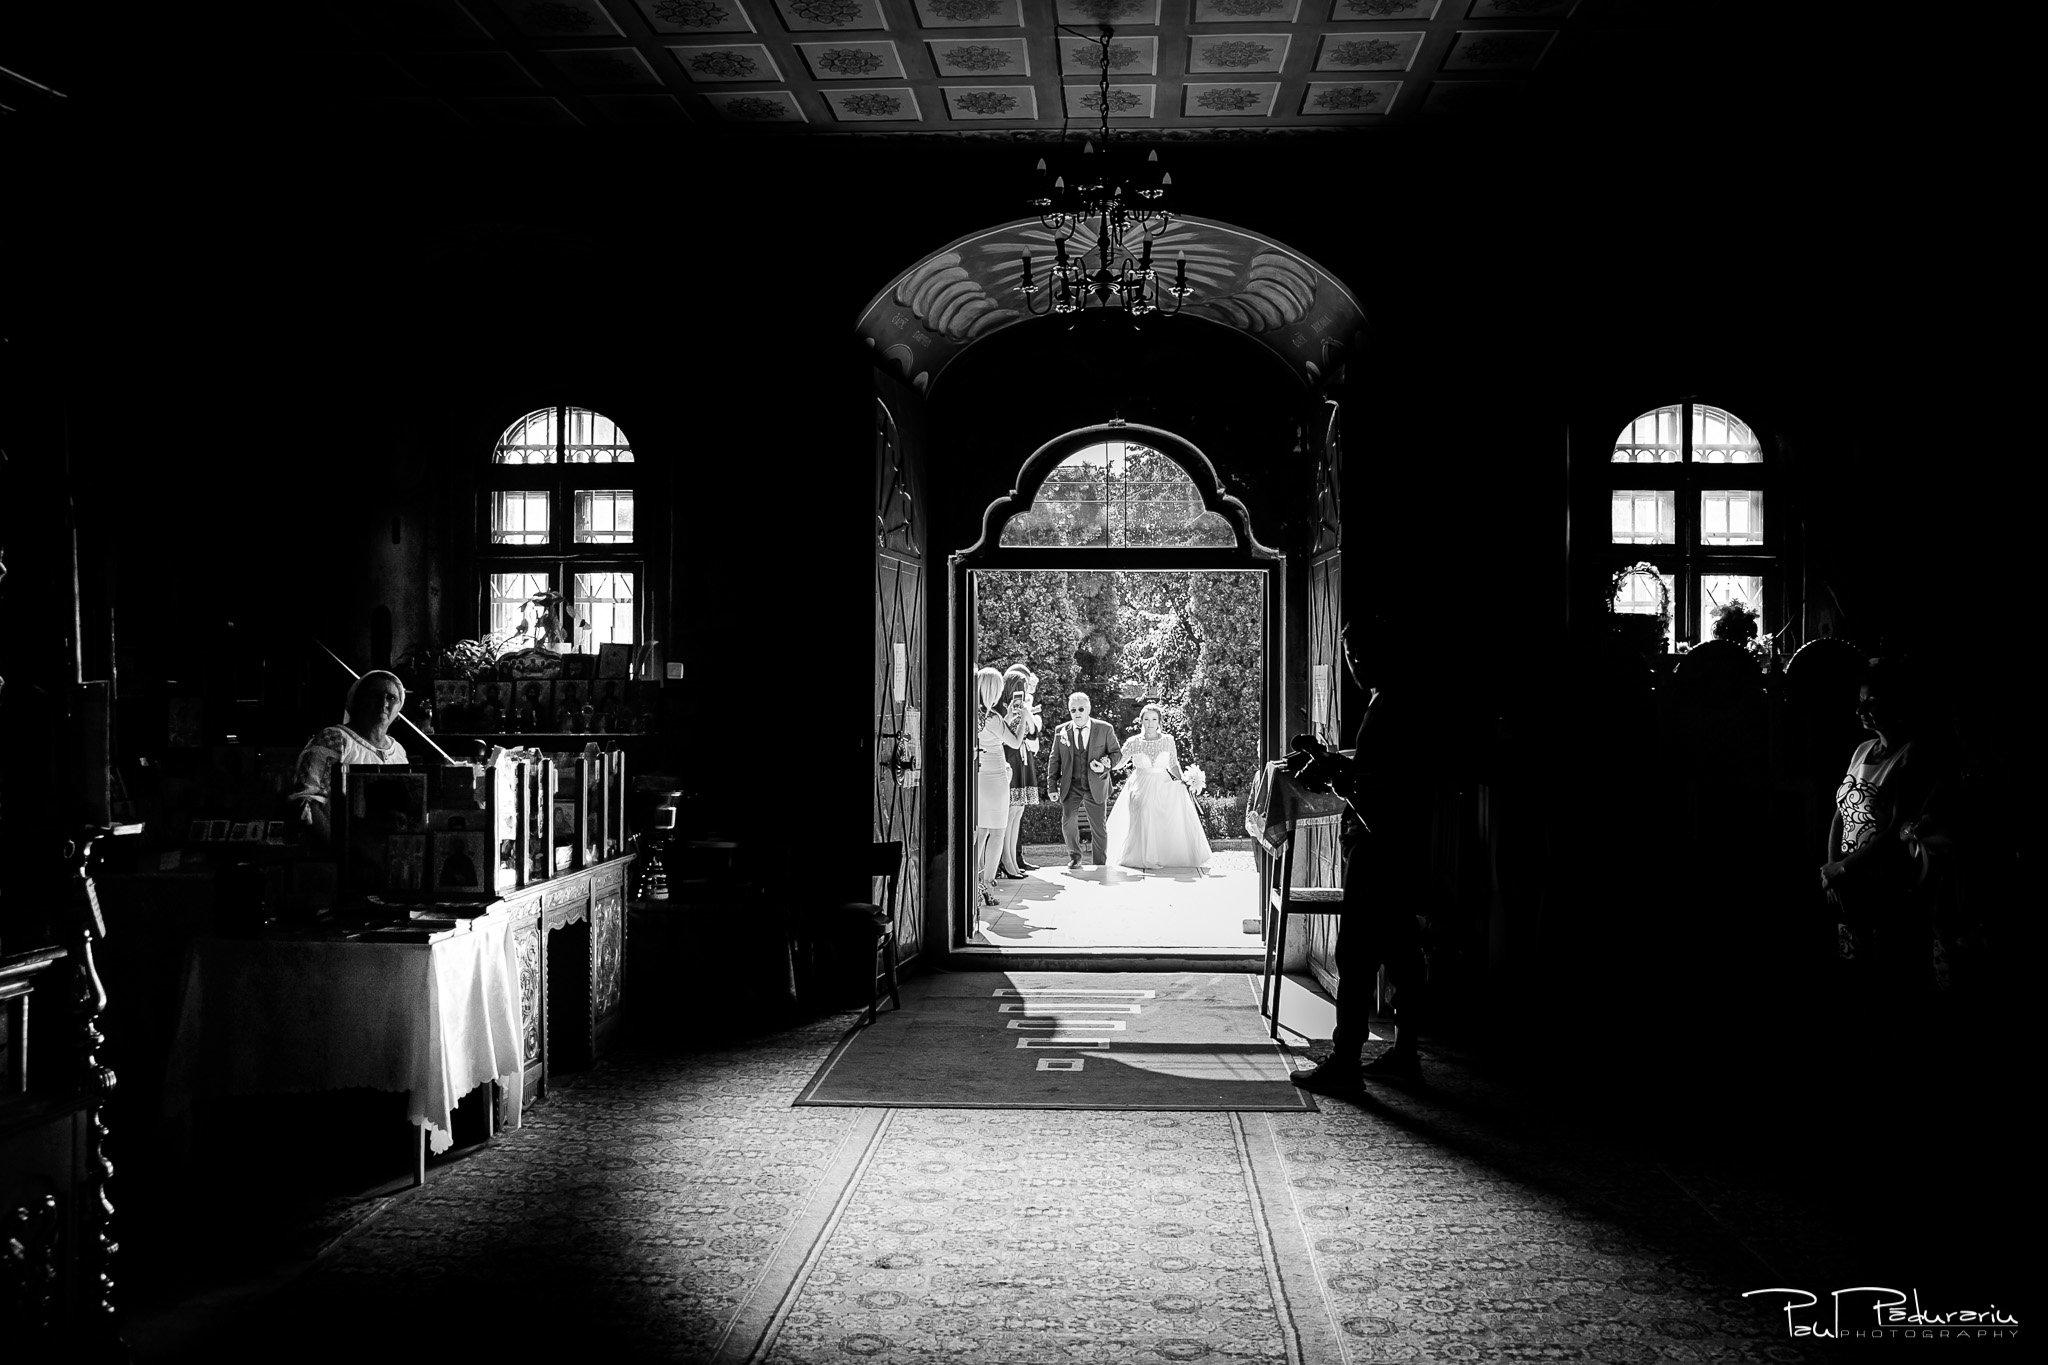 Cununia religioasa nunta Ema si Tudor fotograf de nunta iasi www.paulpadurariu.ro © 2017 Paul Padurariu intrarea in biserica